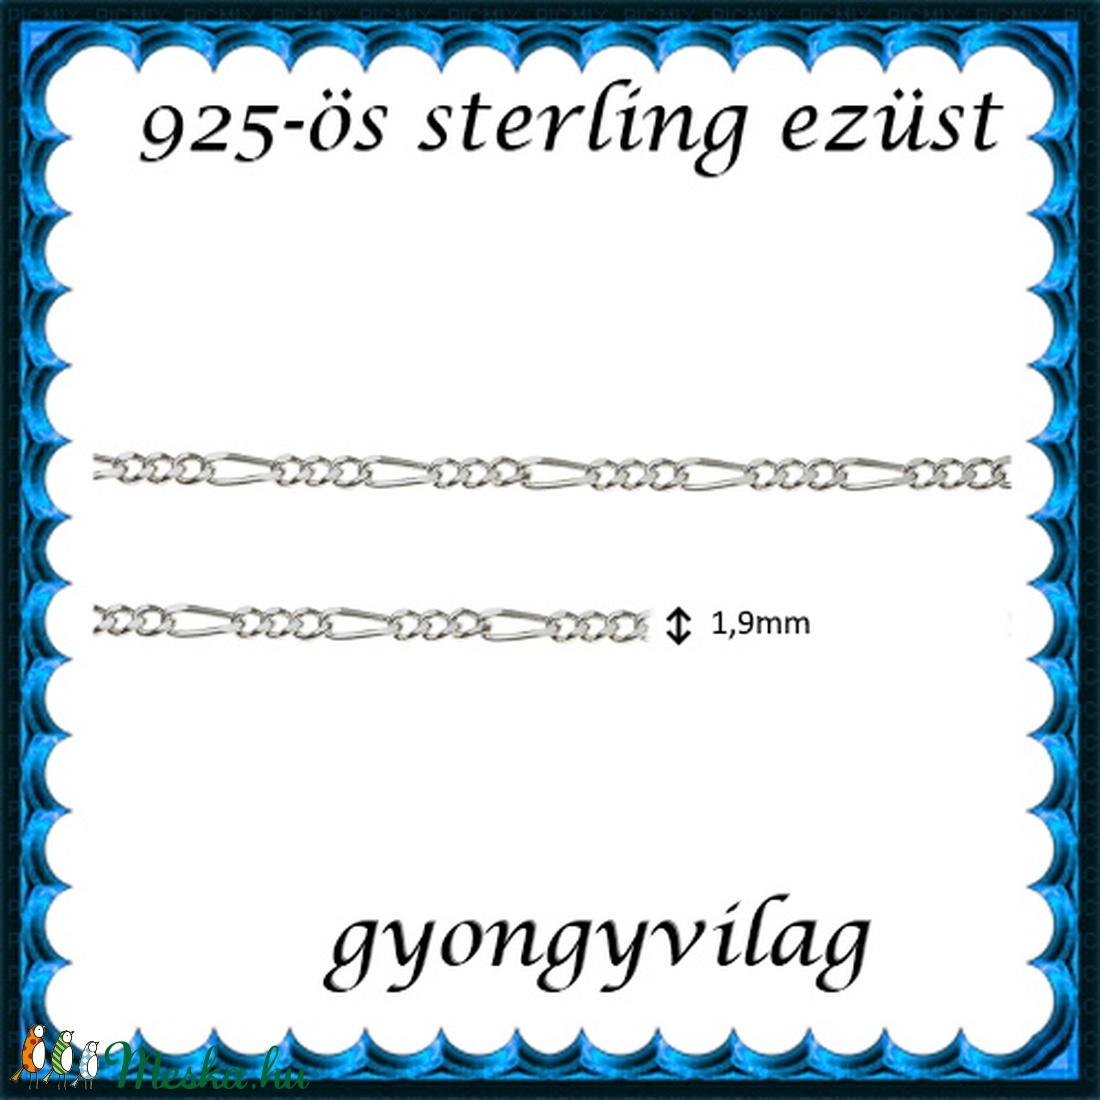 925-ös sterling ezüst ékszerkellék: lánc méterben EL09-1,9 - gyöngy, ékszerkellék - Meska.hu